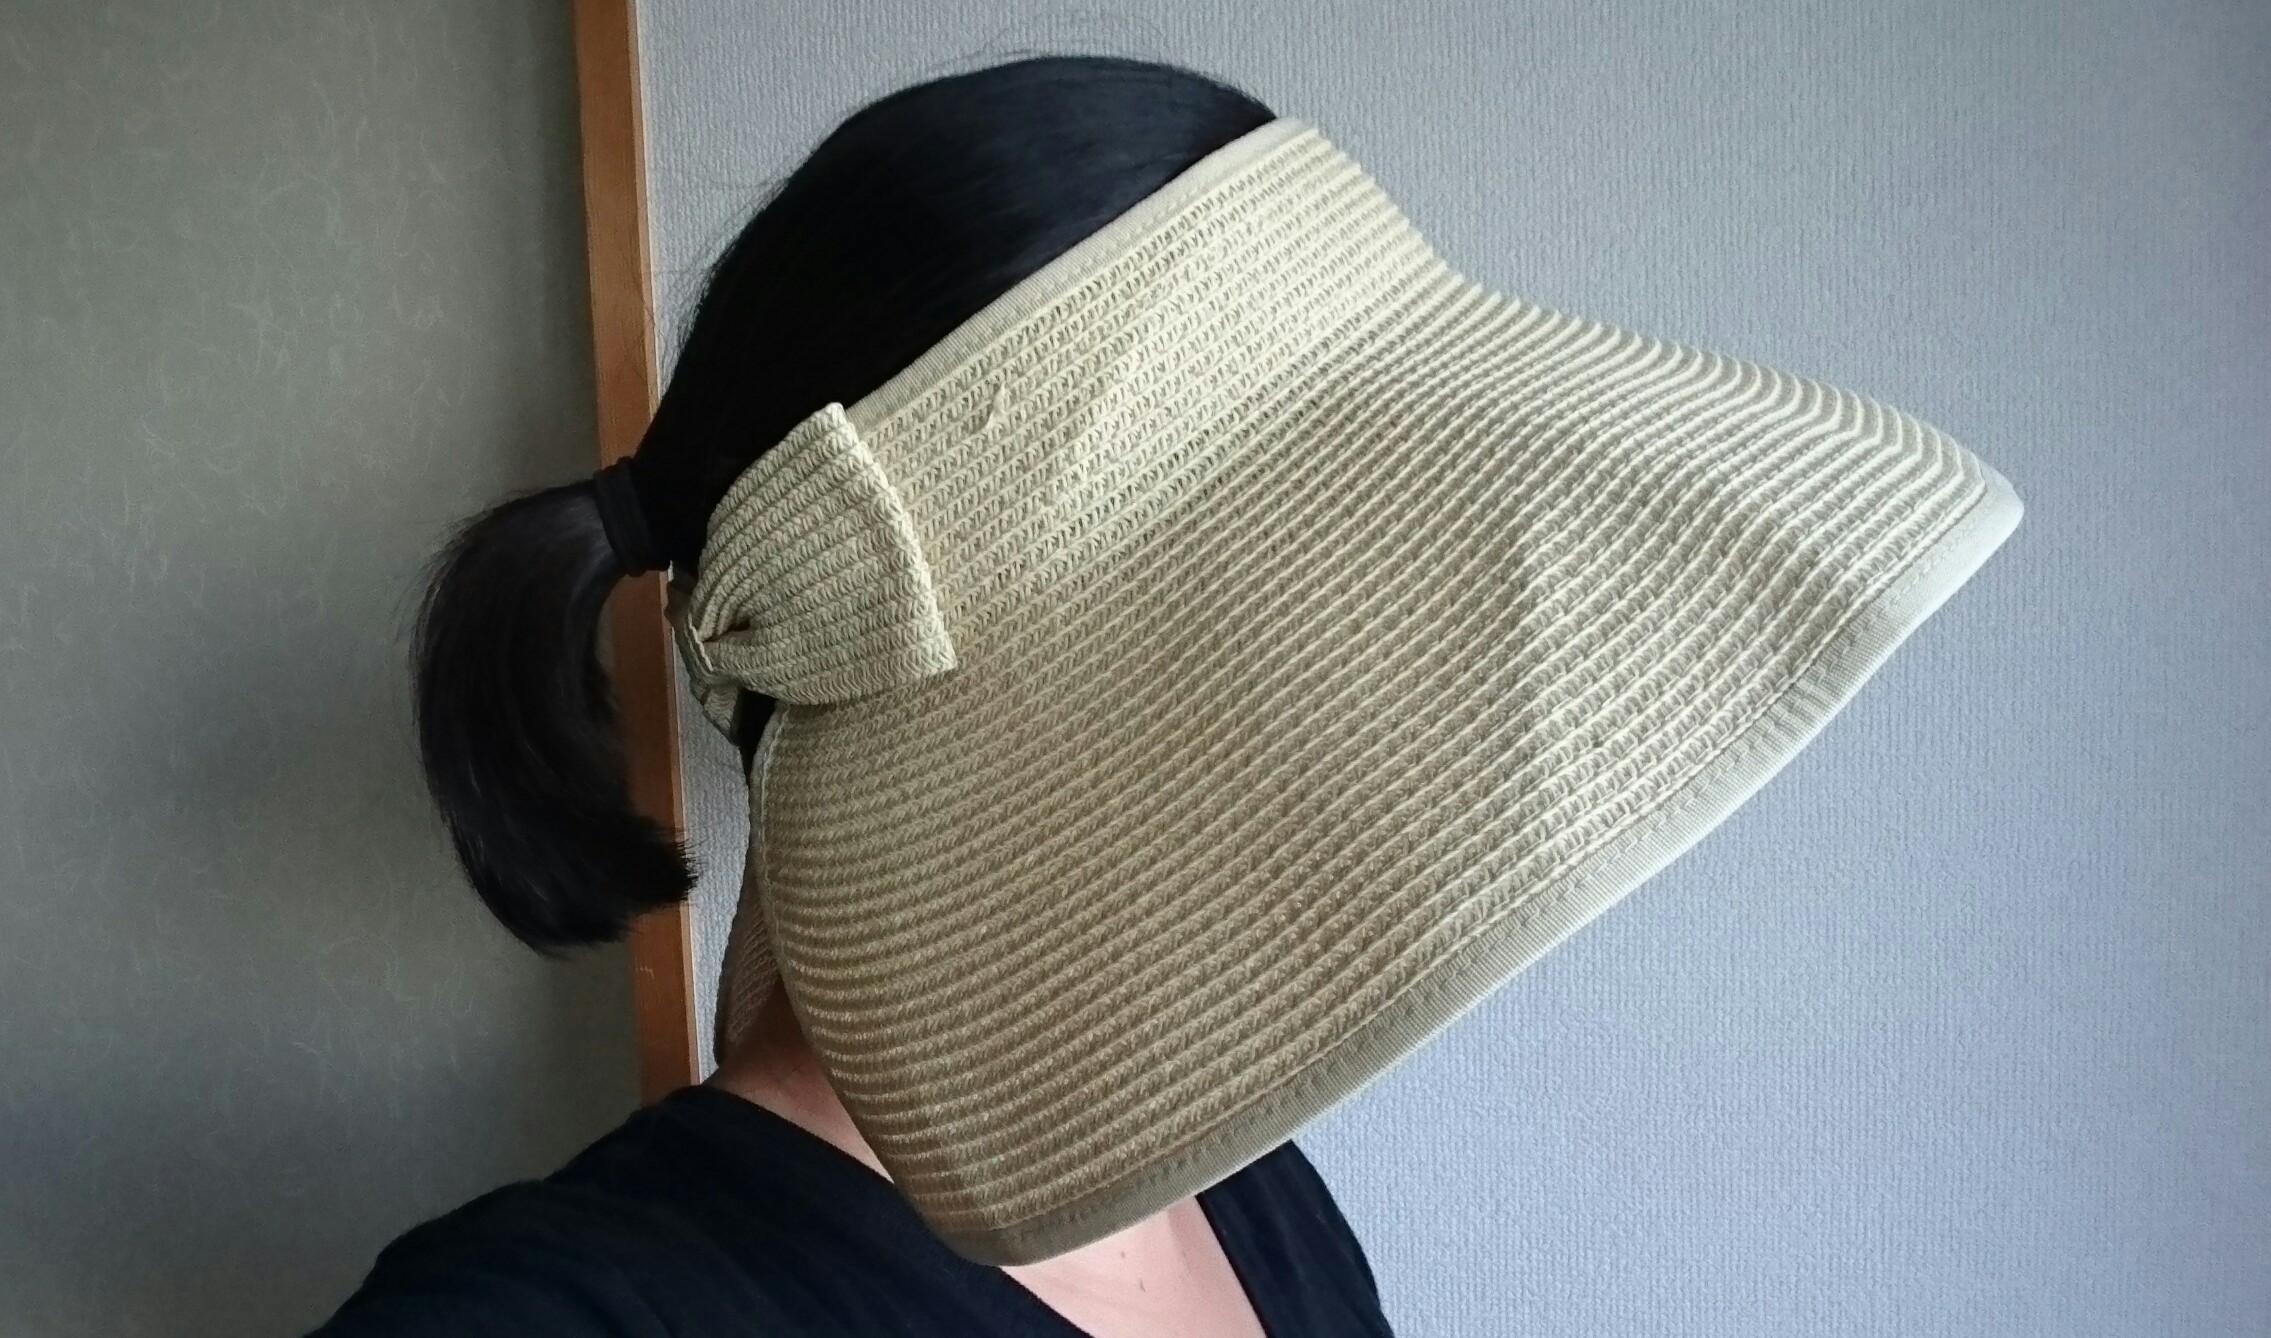 麦わらサンバイザーを使ってみたのでレビュー!帽子が苦手な人もおすすめだよ